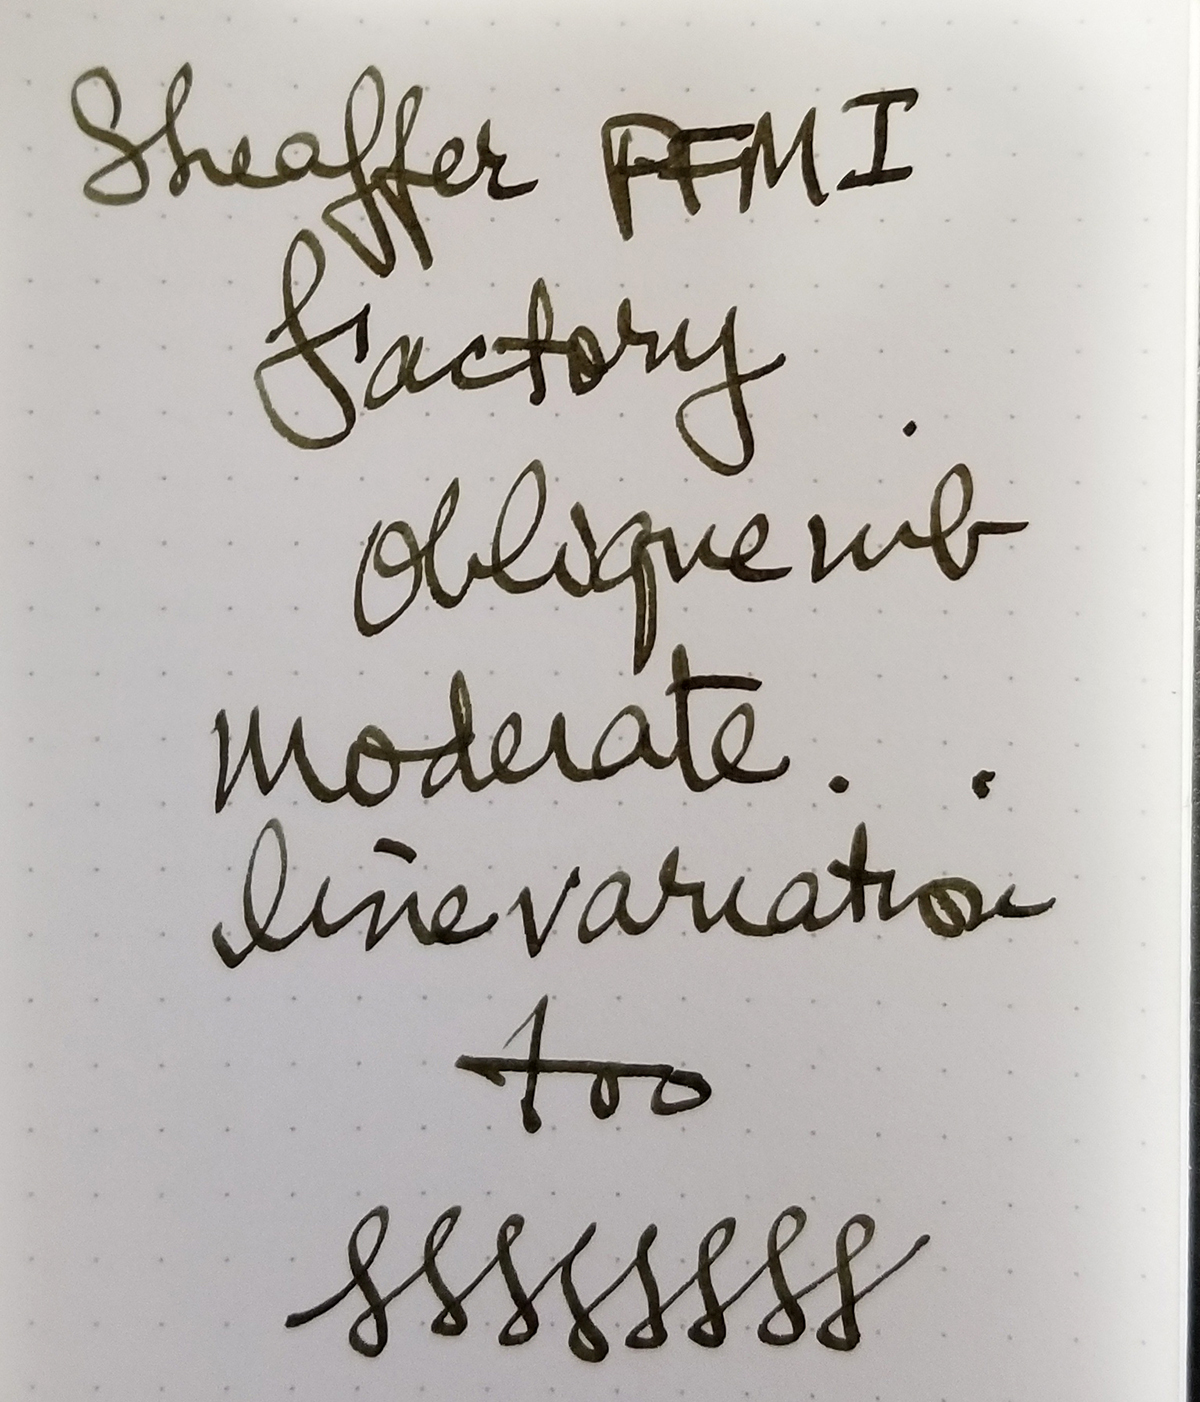 sheaffer-pfm-oblique-line-variation.jpg